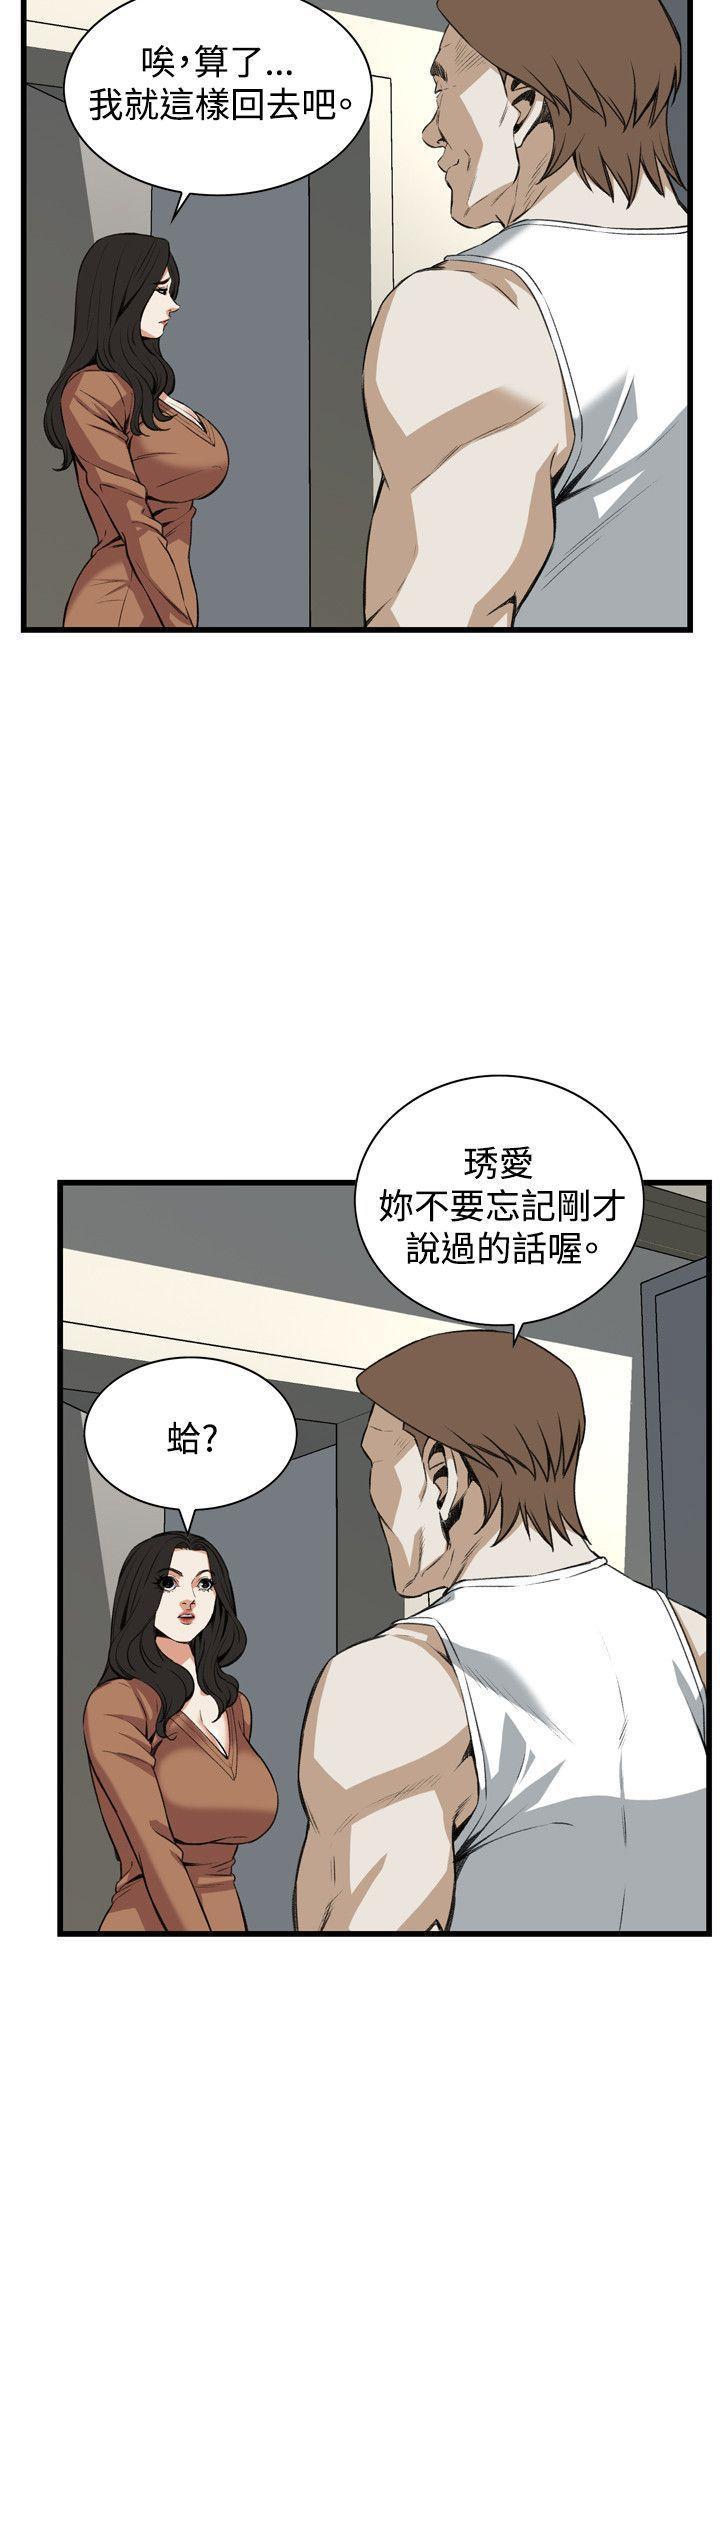 偷窥72-93 Chinese Rsiky 359